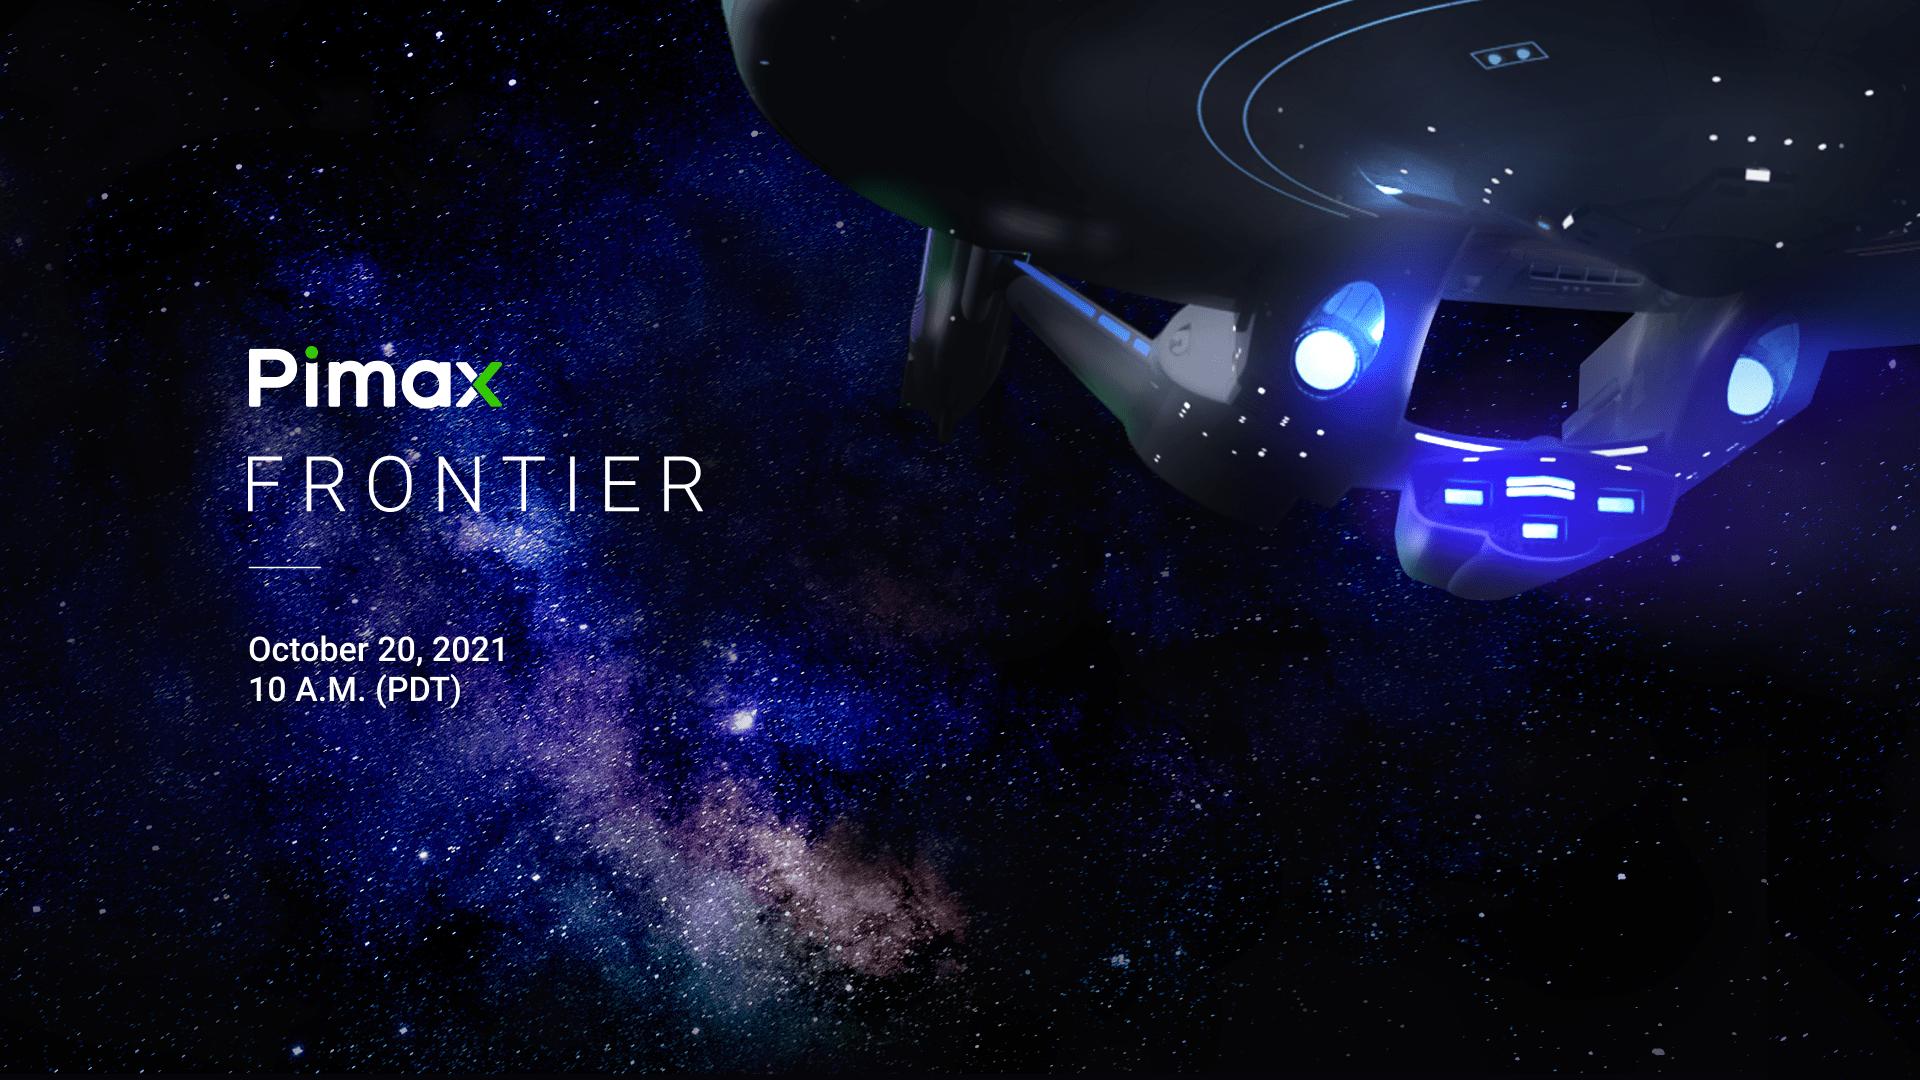 """小派科技将于10月20日举办全球线上大会""""Pimax Frontier"""""""